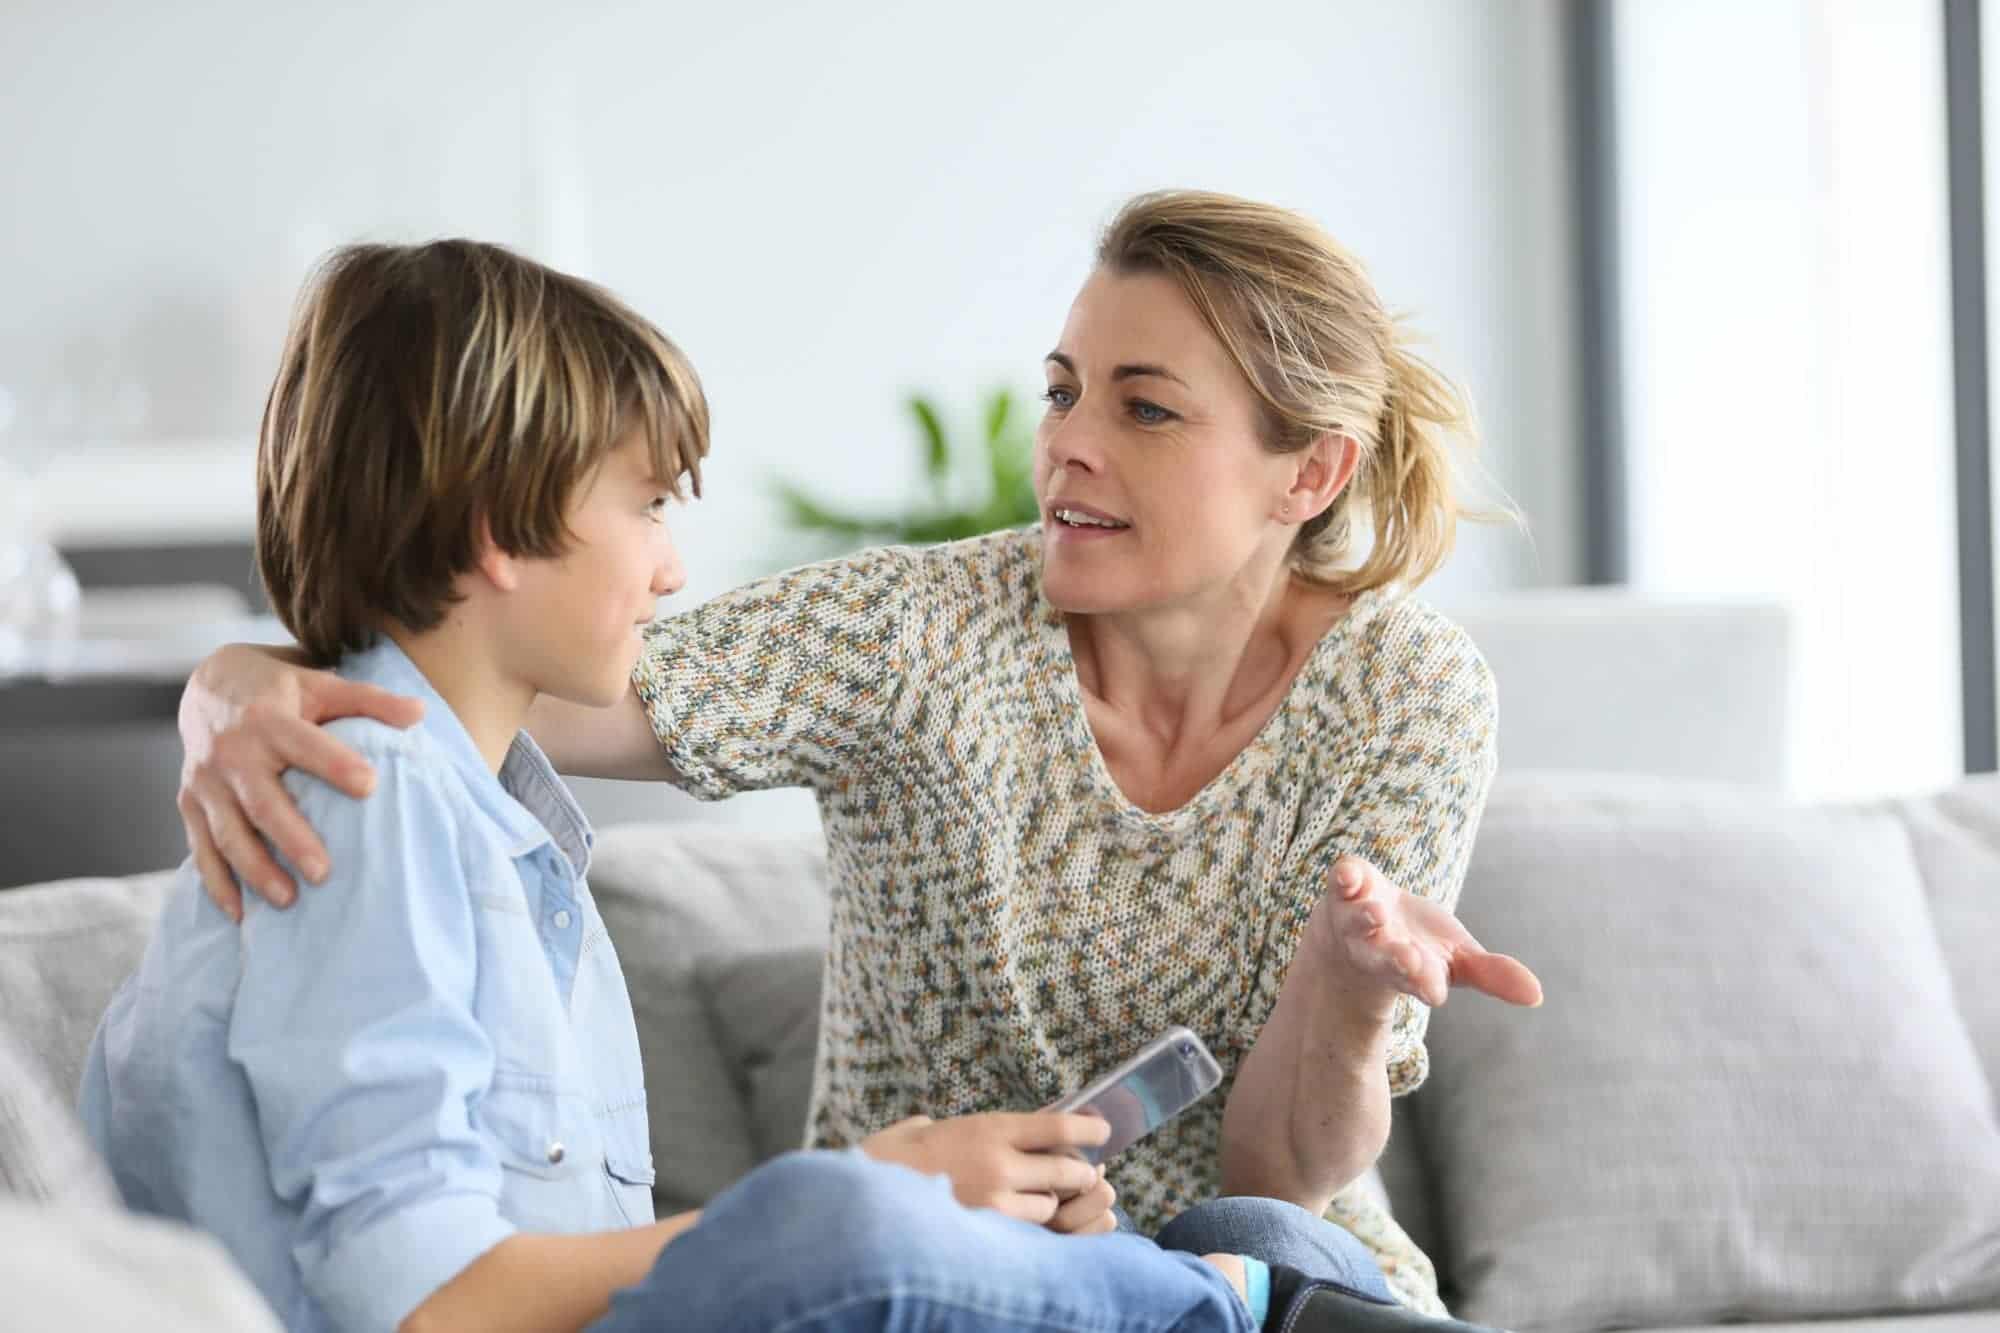 اصول نه گفتن به کودک